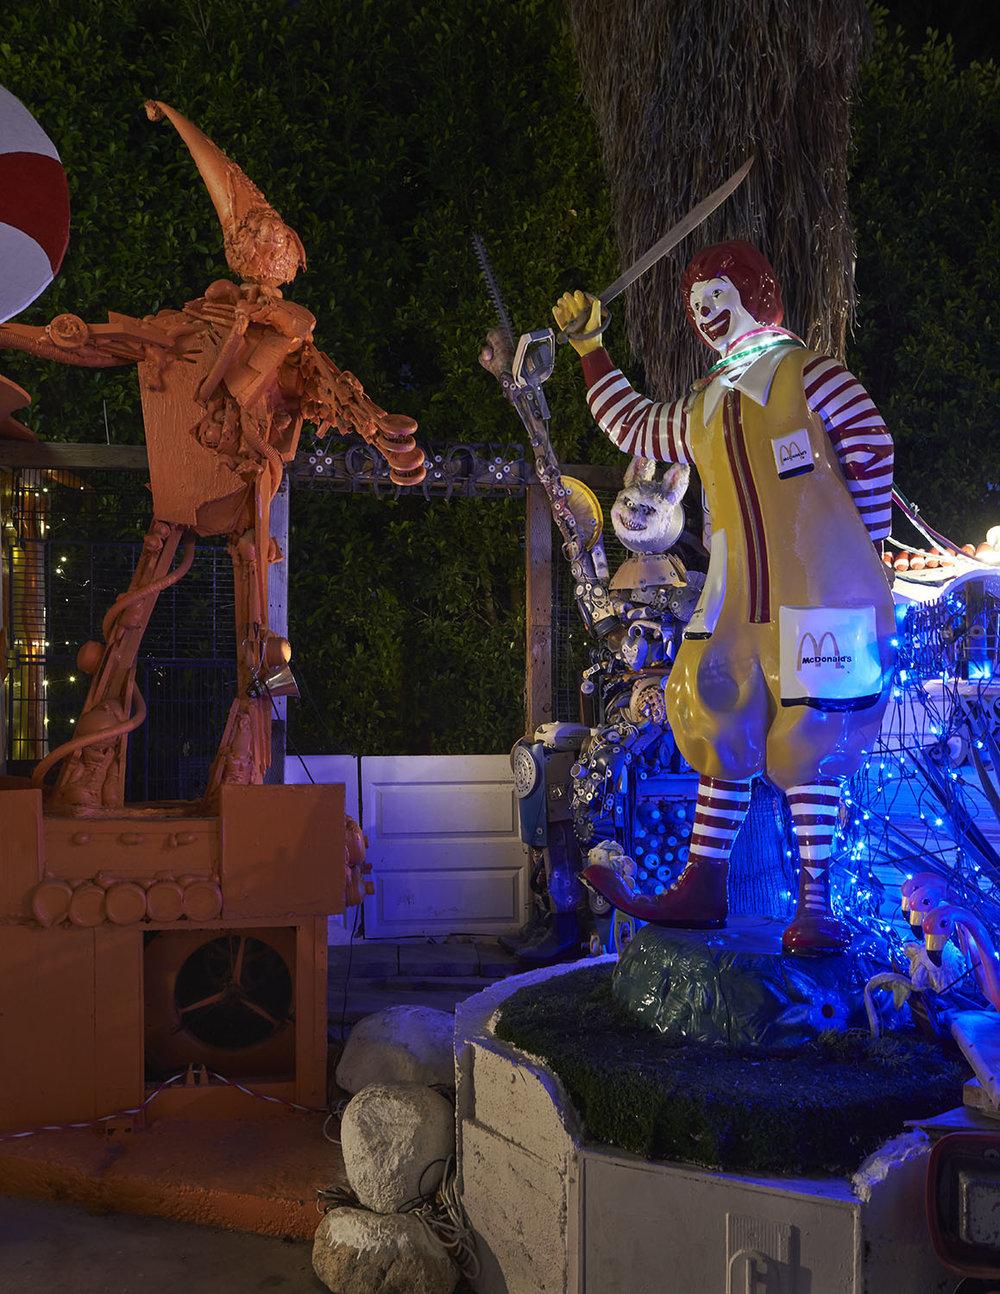 06-Robolights-clown 3913-007.jpg